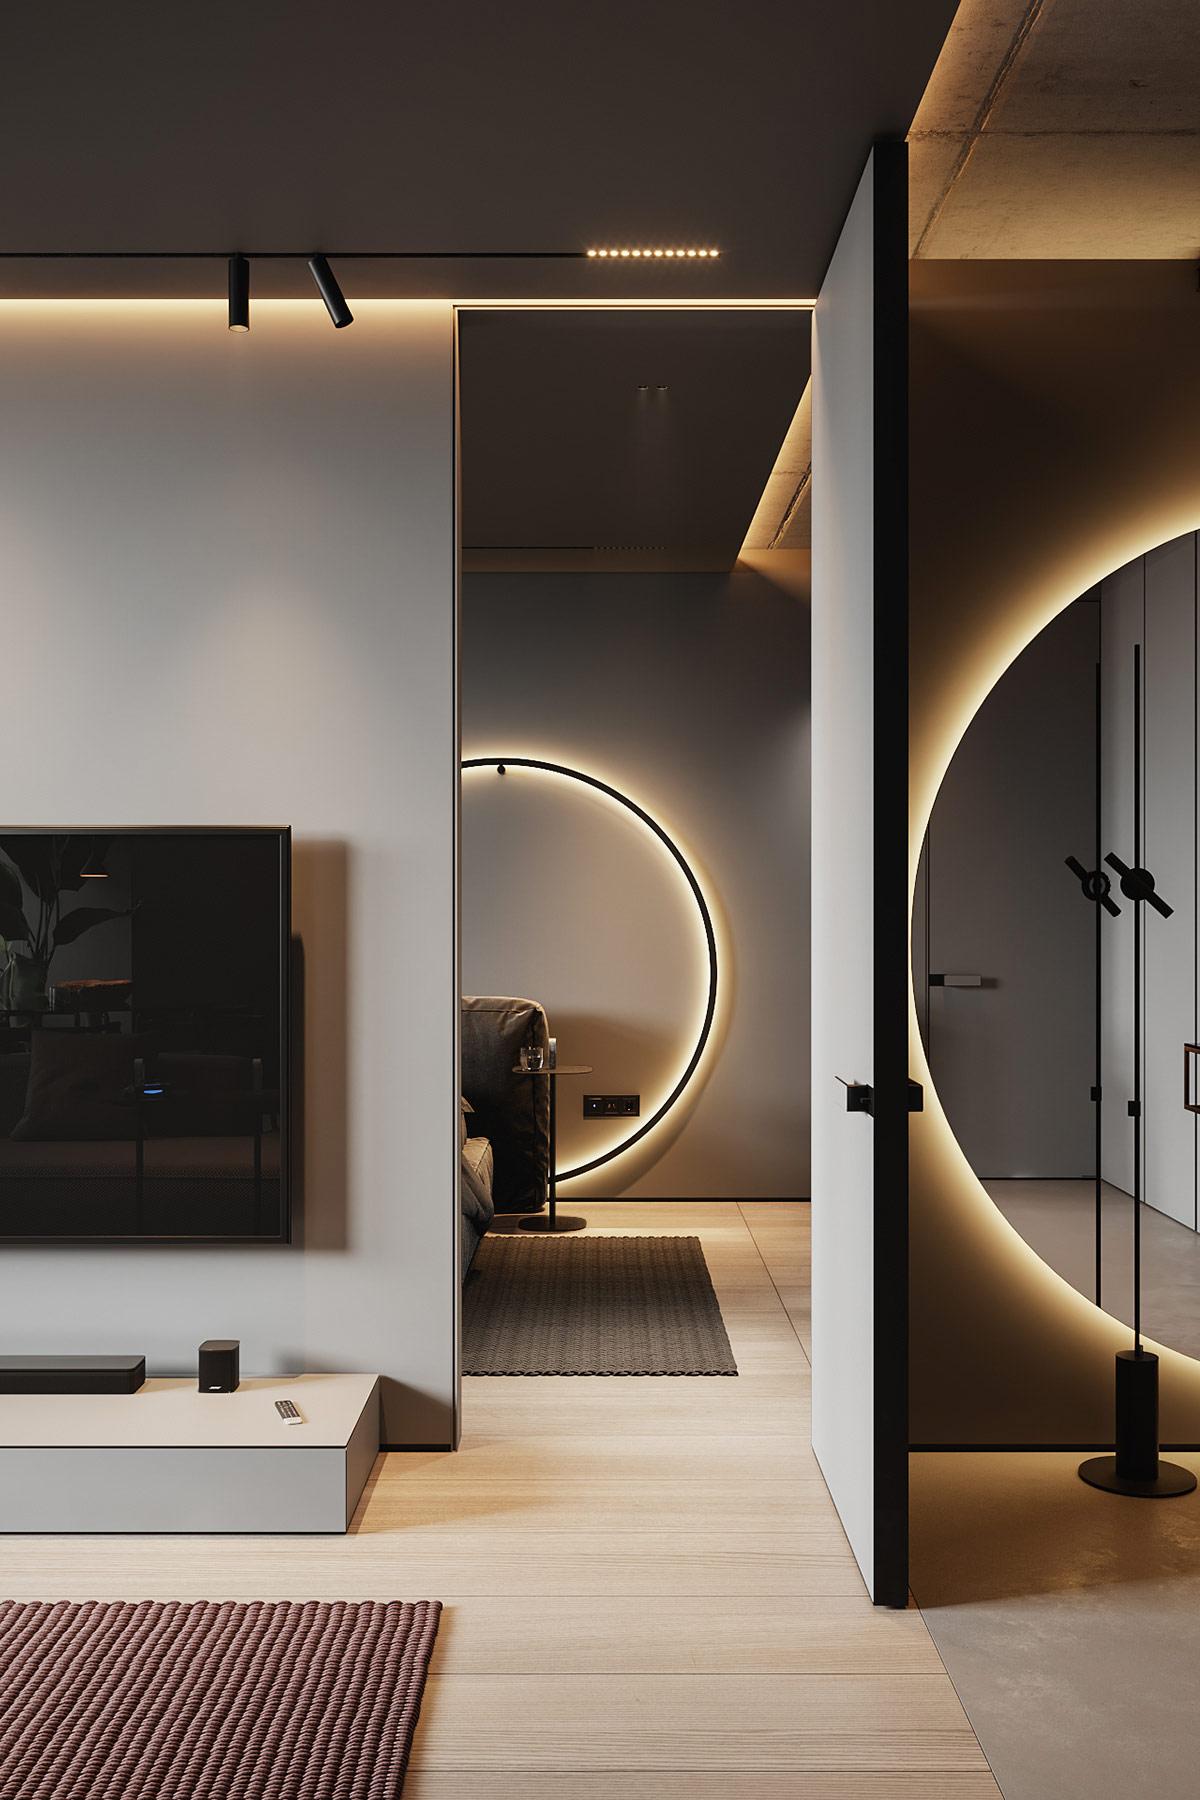 Một vòng ánh sáng khác tạo ra ánh sáng rực rỡ tuyệt vời qua ô cửa phòng ngủ